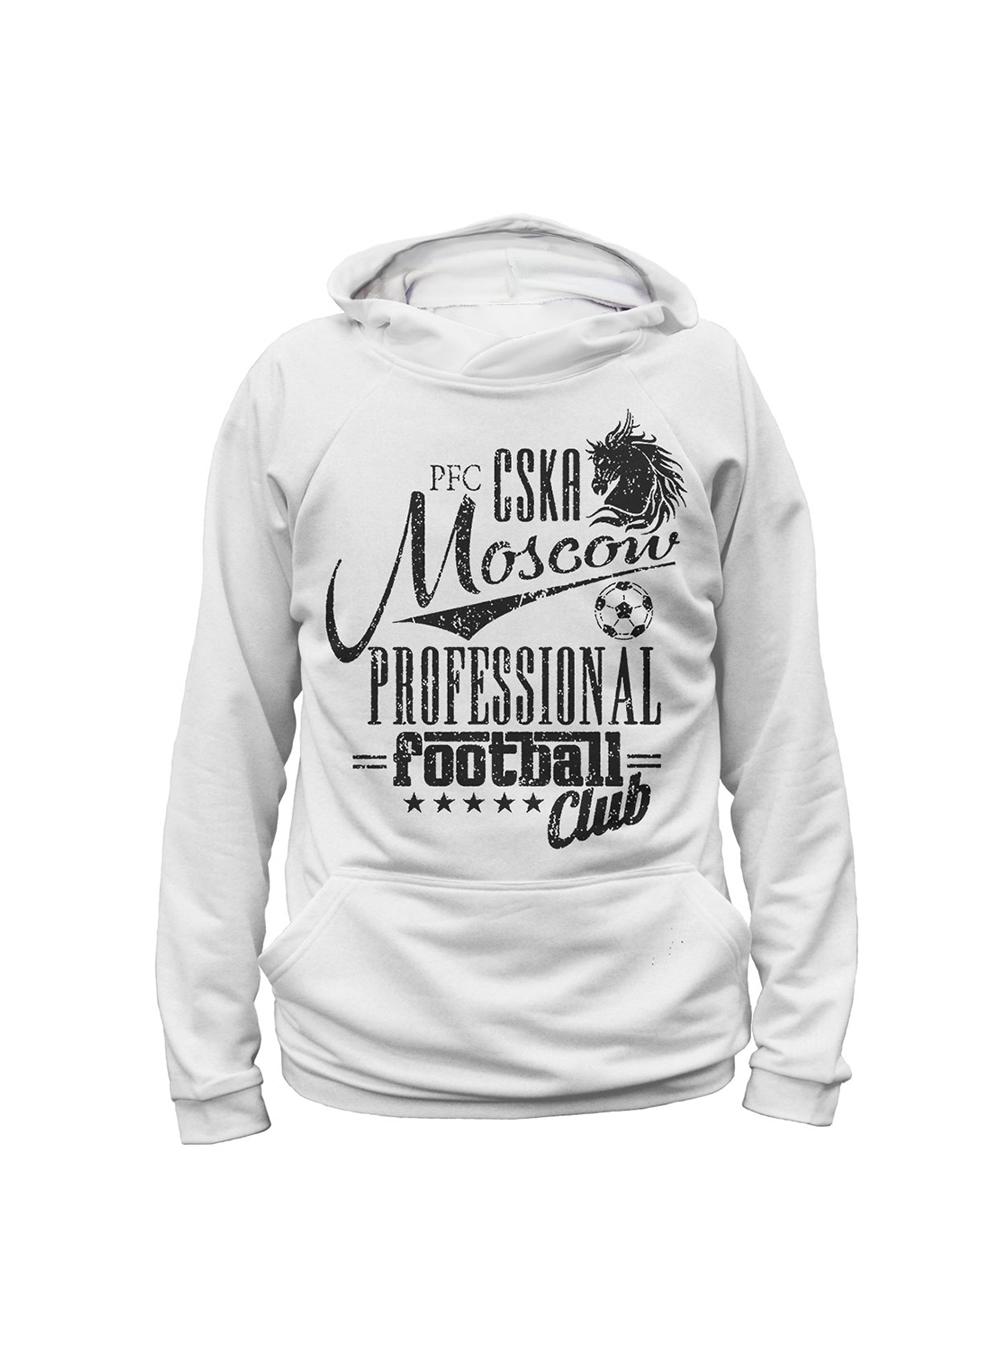 Купить Худи детское «PFC CSKA Moscow», цвет белый (122) по Нижнему Новгороду